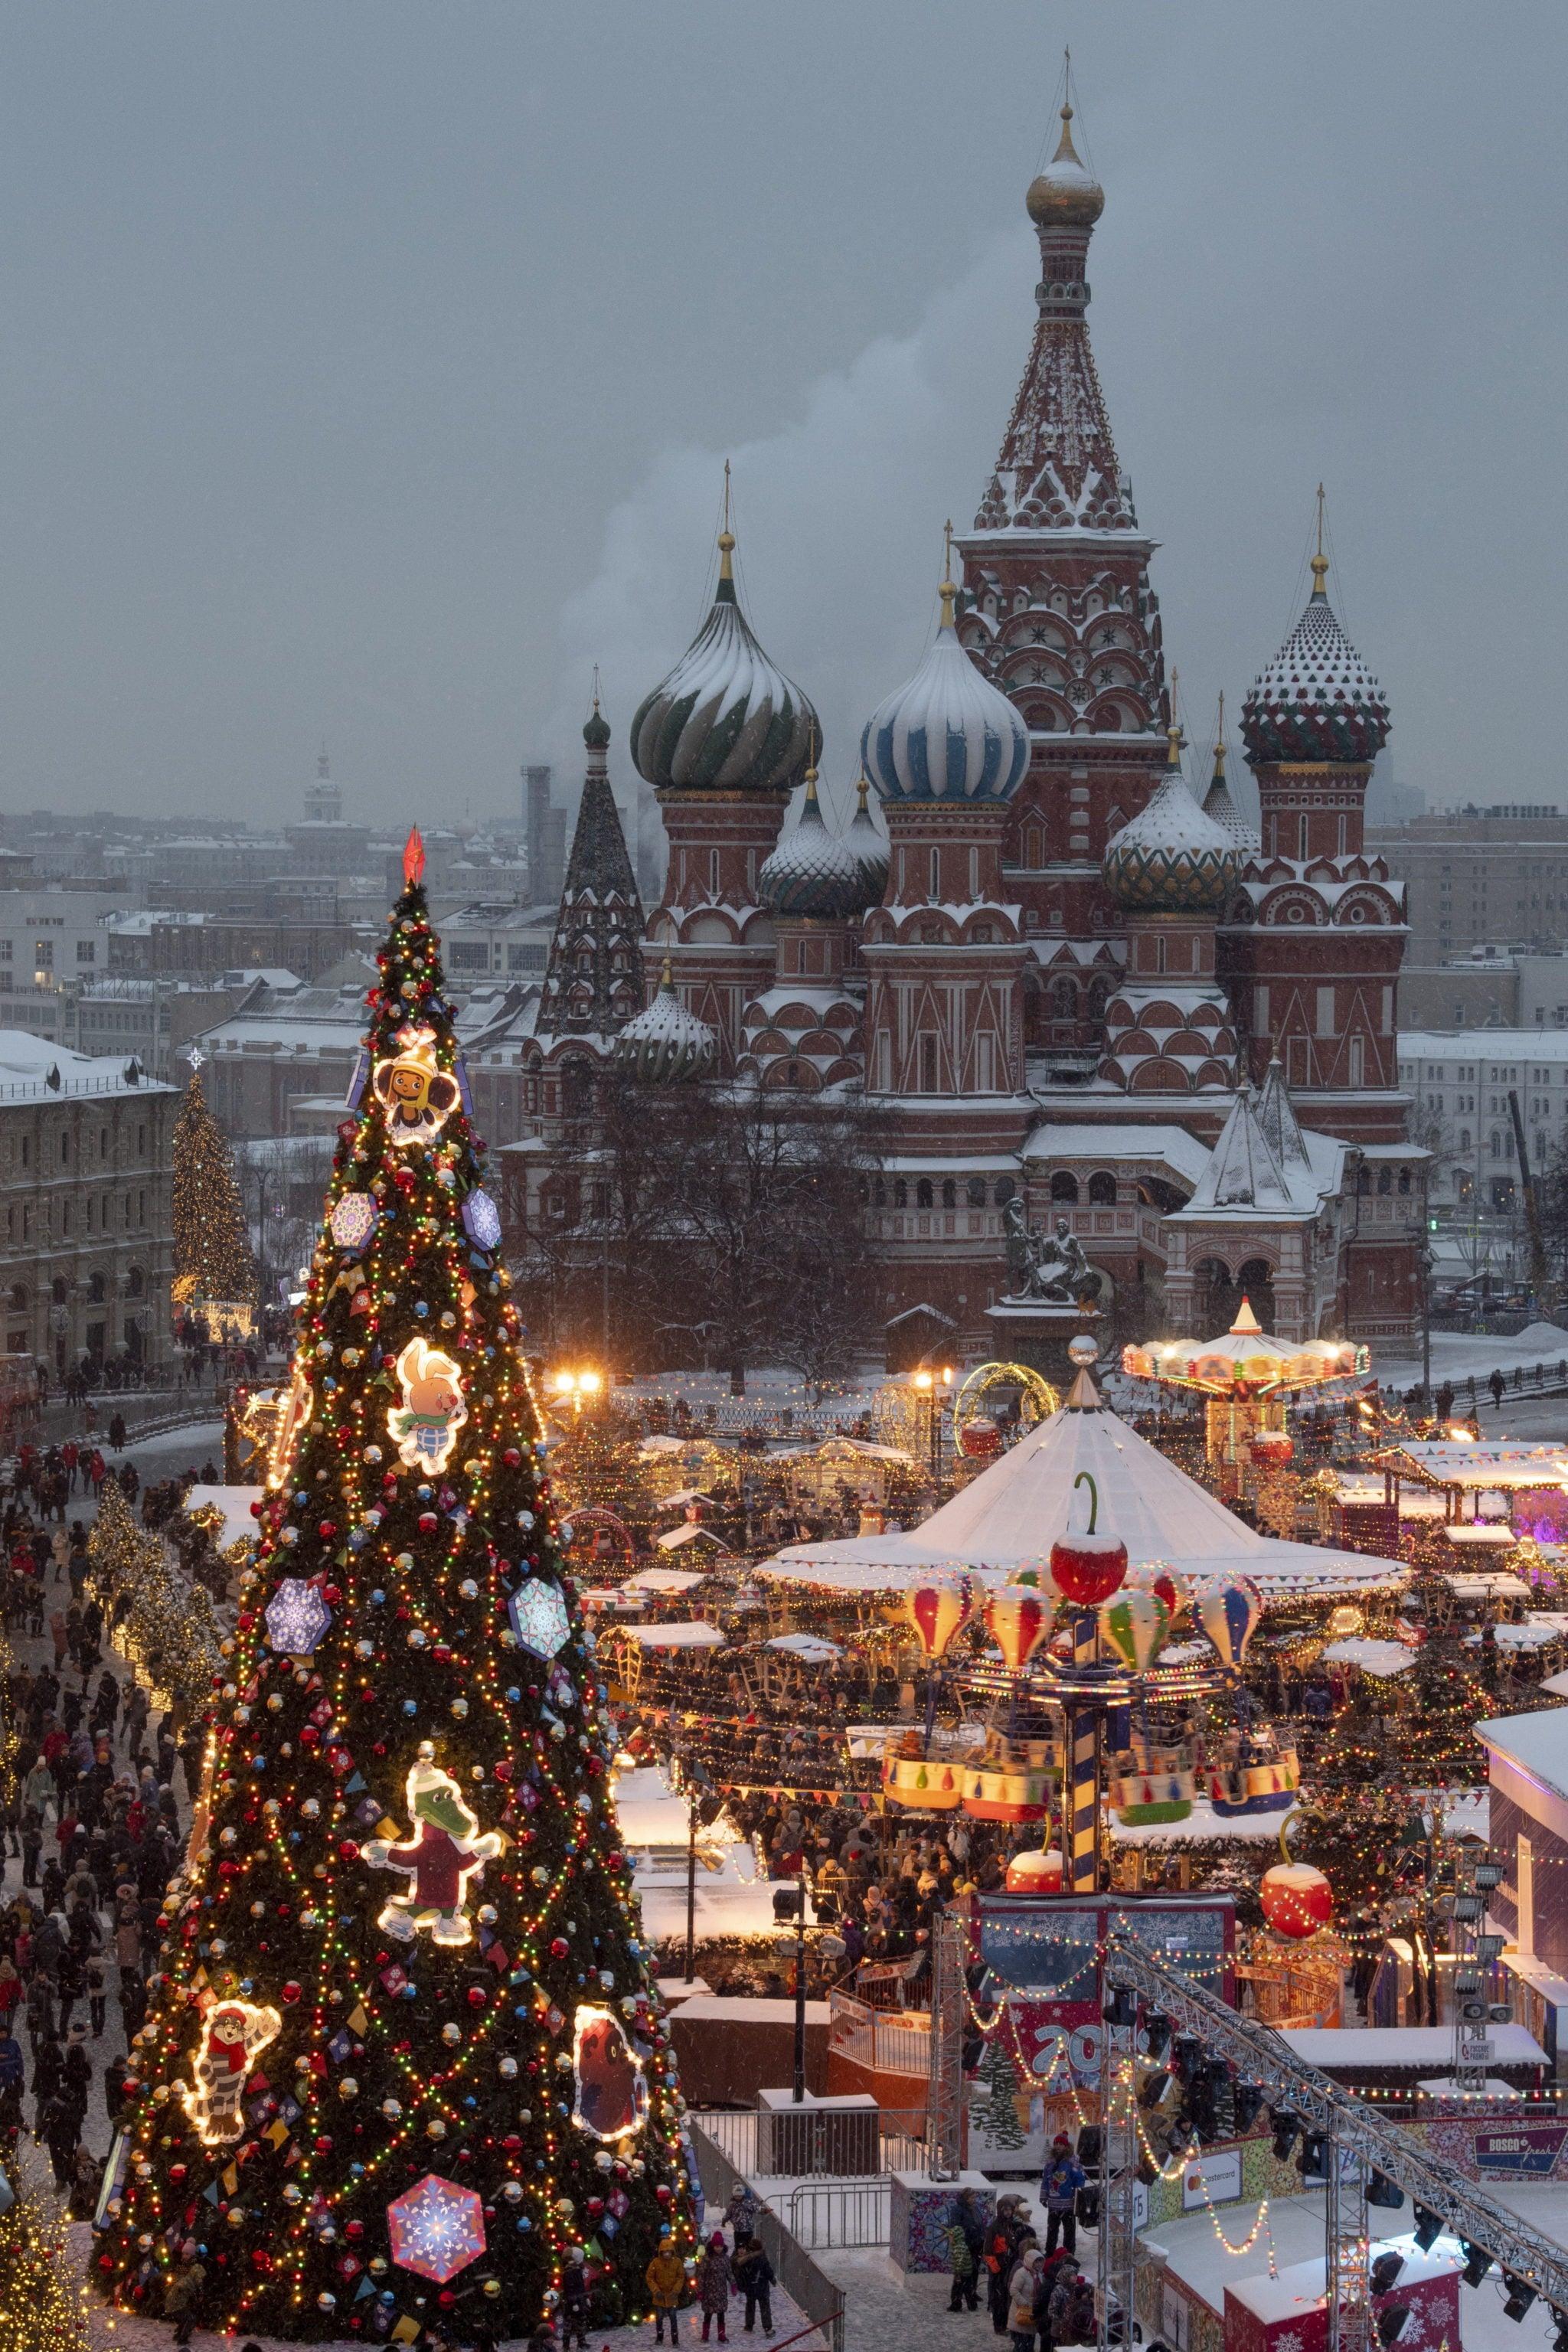 Rosja, Plac Czerwony gotowy na świętowanie Nowego Roku i Świąt Bożego Narodzenia (w prawosławiu obchodzone są 6.01), fot. ALEXANDER ZEMLIANICHENKO, PAP/EPA.